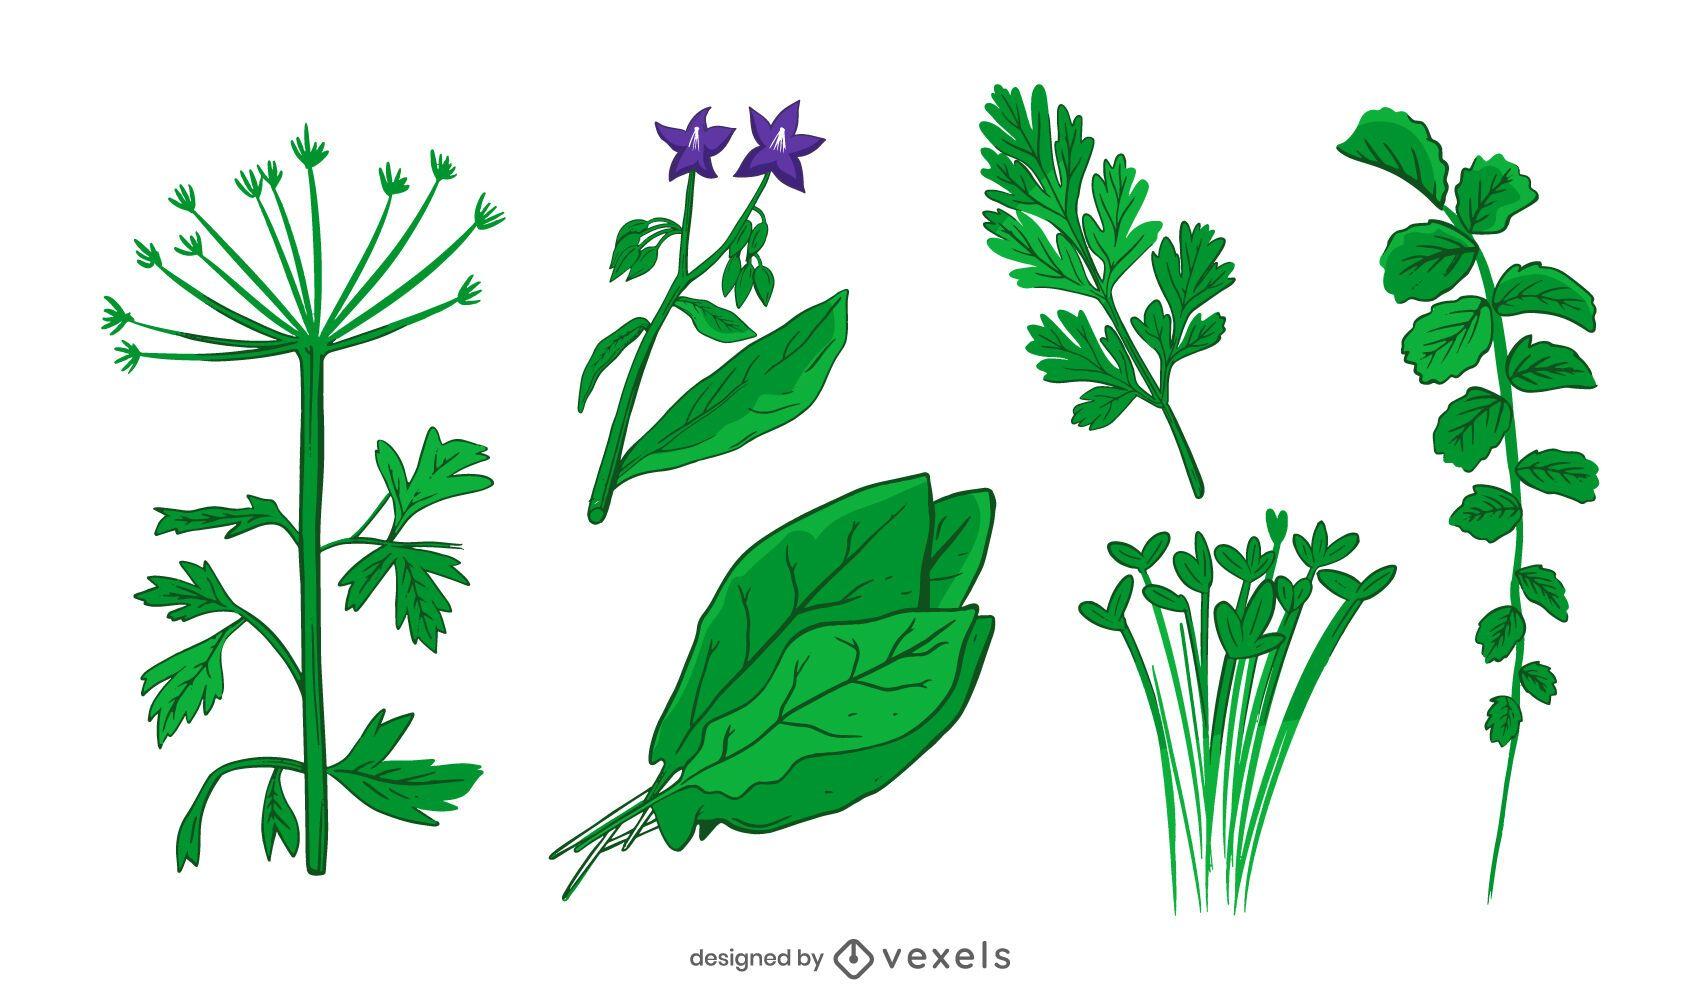 conjunto de ilustraci?n de hierbas